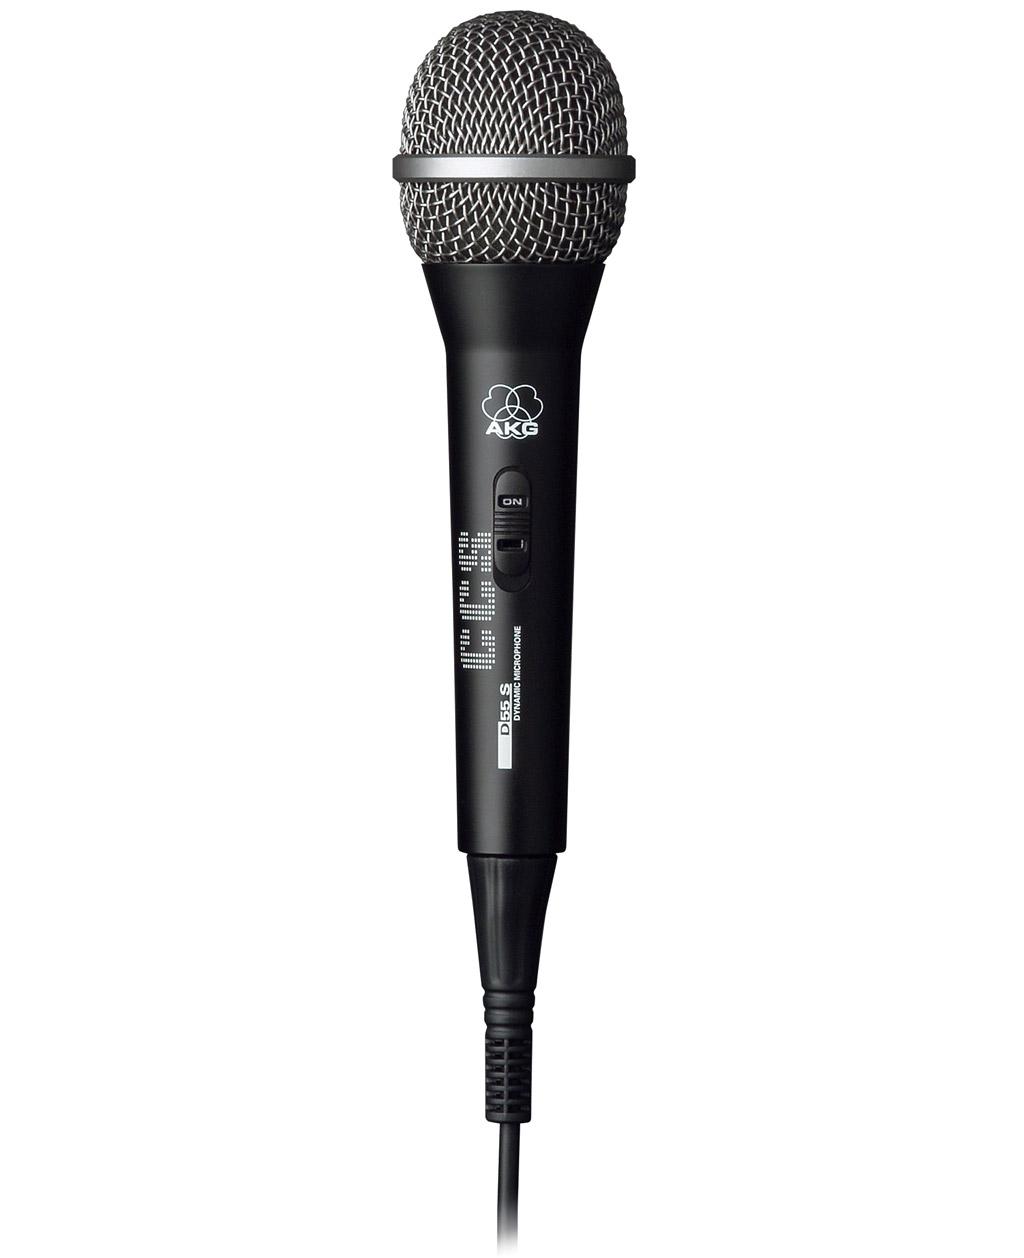 Powieksz do pelnego rozmiaru AKG D 55 S, D-55 S, D-55-S, D 55-S, D55 S, D 55S, D55-S, D-55S, mikrofon ręczny, mikrofon przewodowy, mikrofon dynamiczny, mikrofon kardioidalny, mikrofon wokalowy, mikrofon estradowy